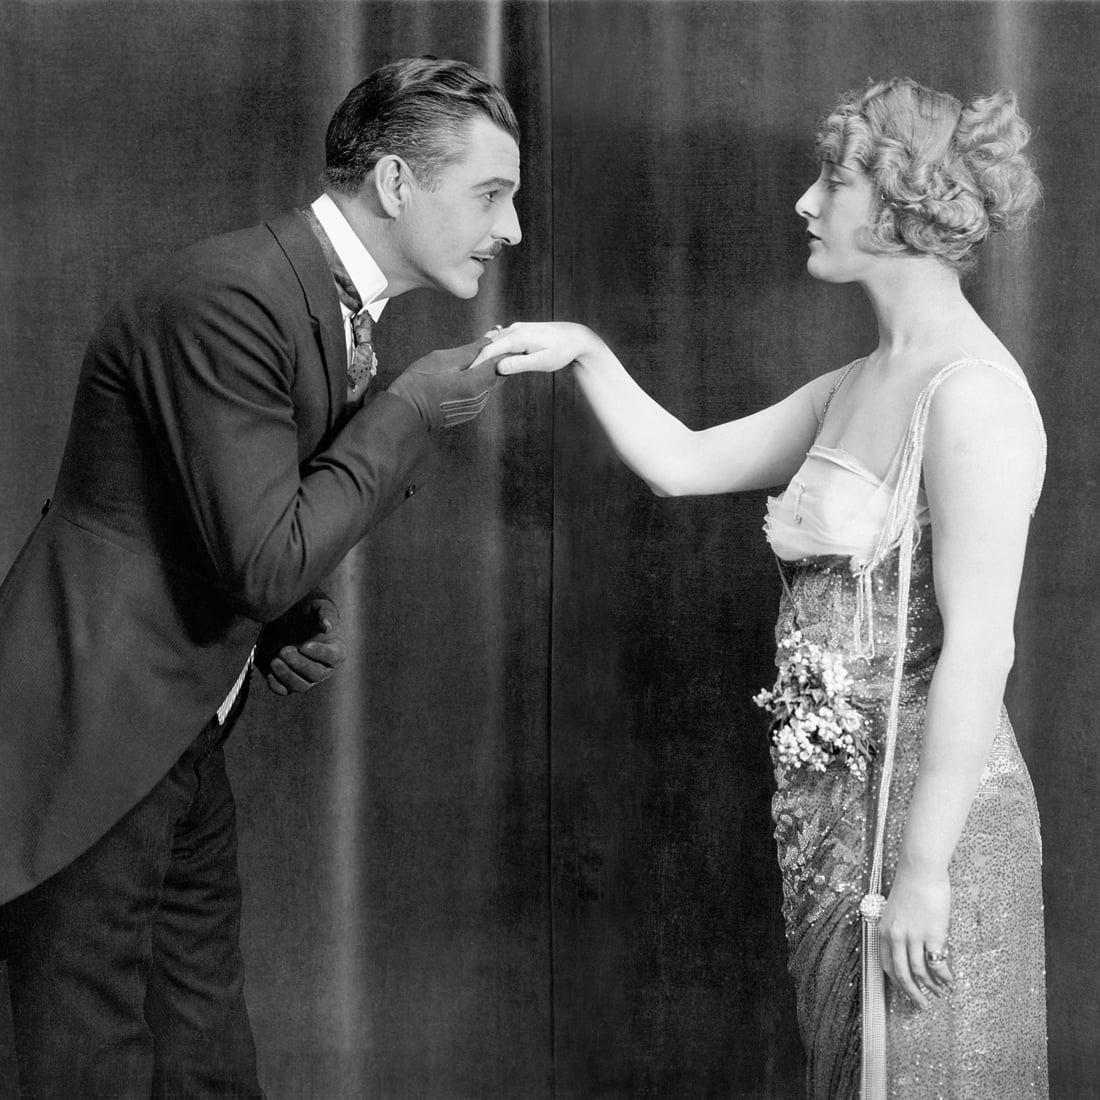 Dating vintage τα ραντεβού ήταν το ευκολότερο μάνγκα.